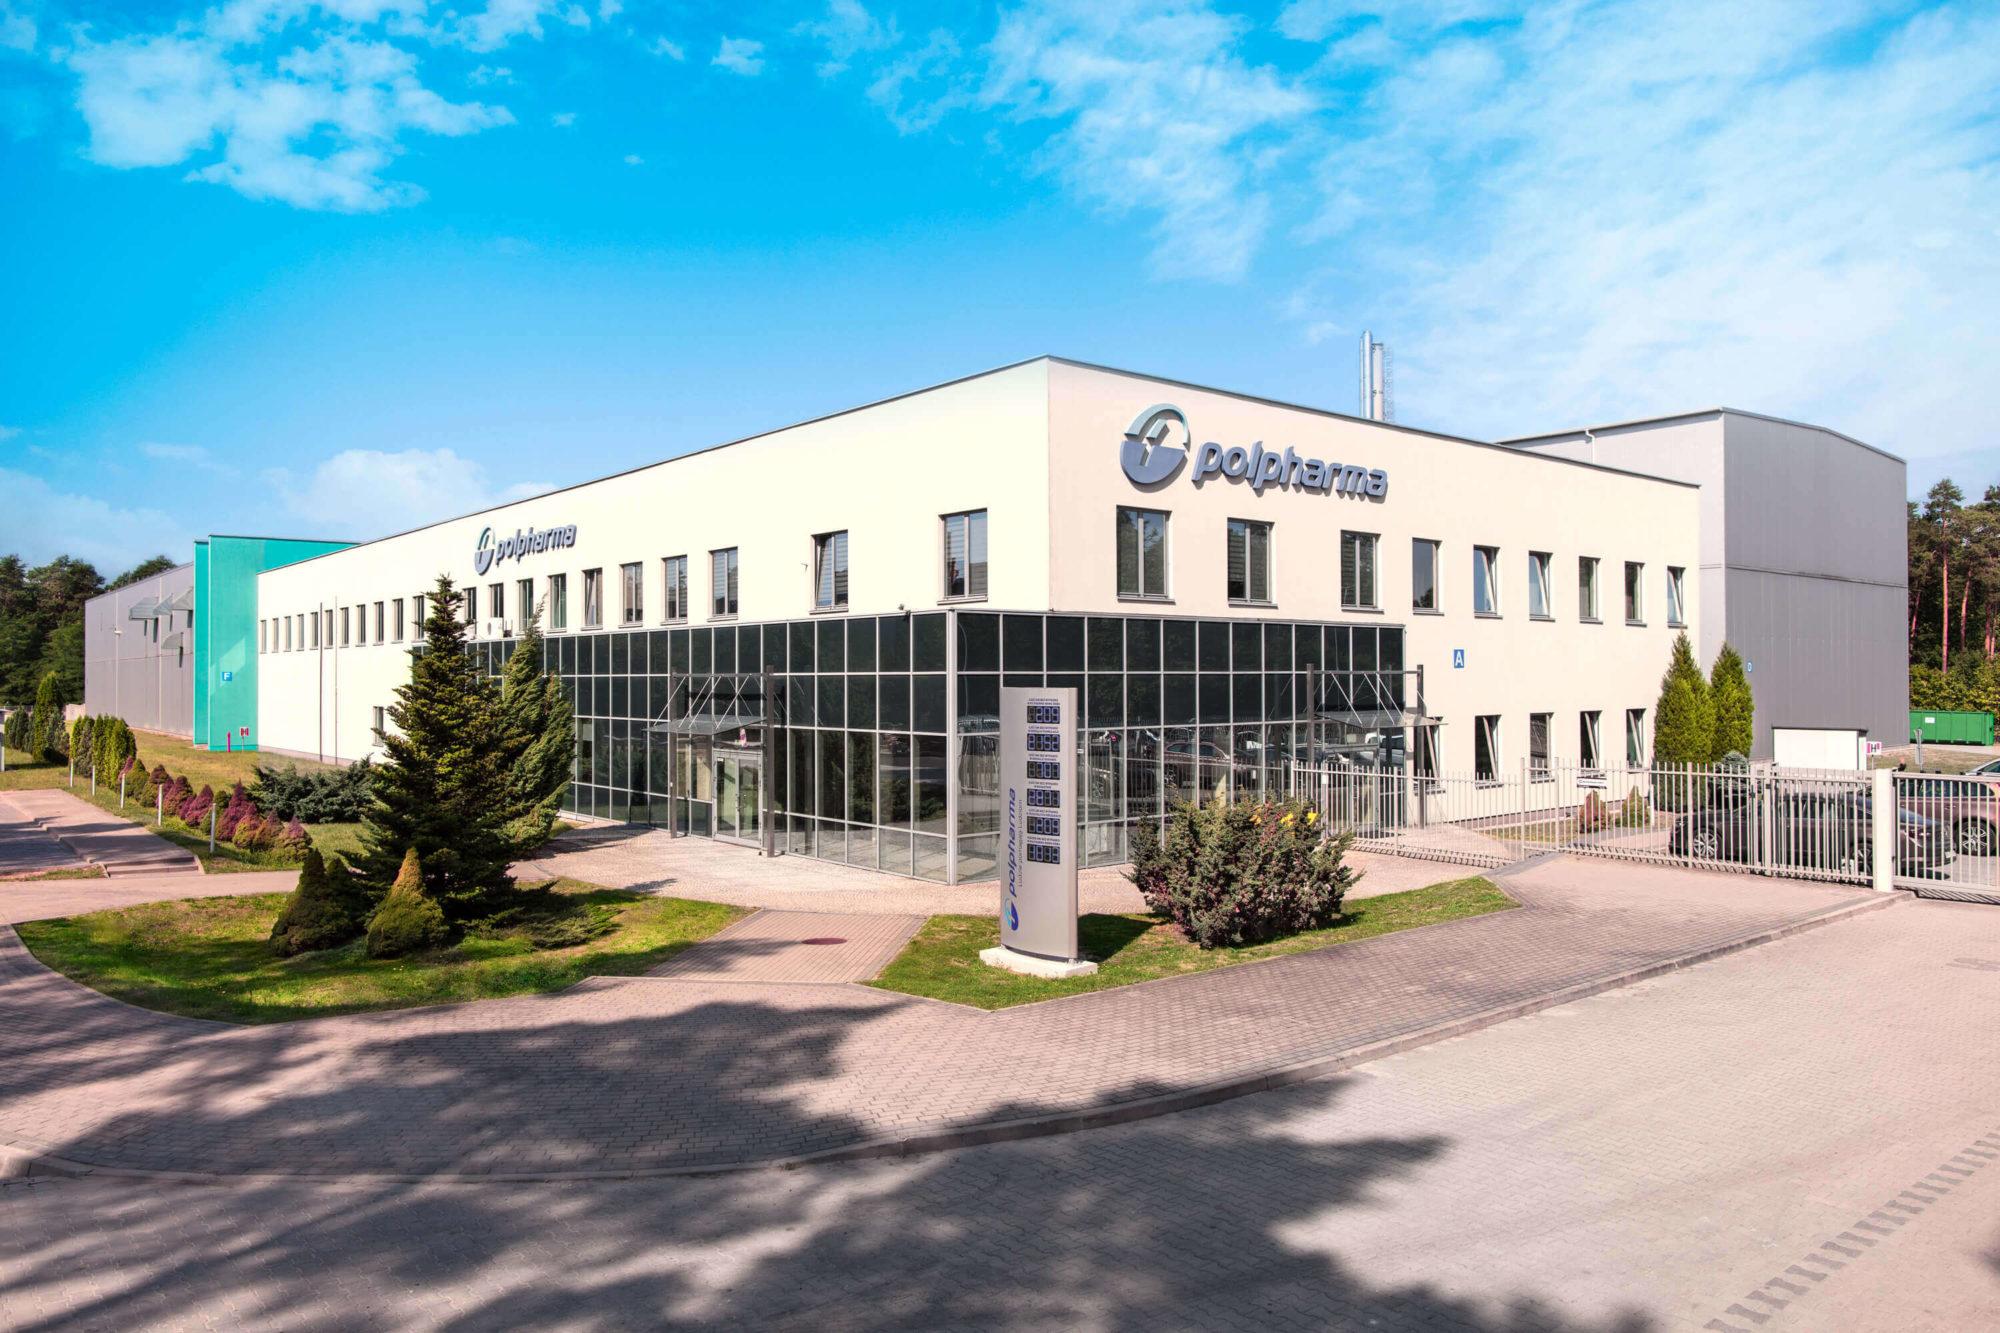 Nowa Dęba building